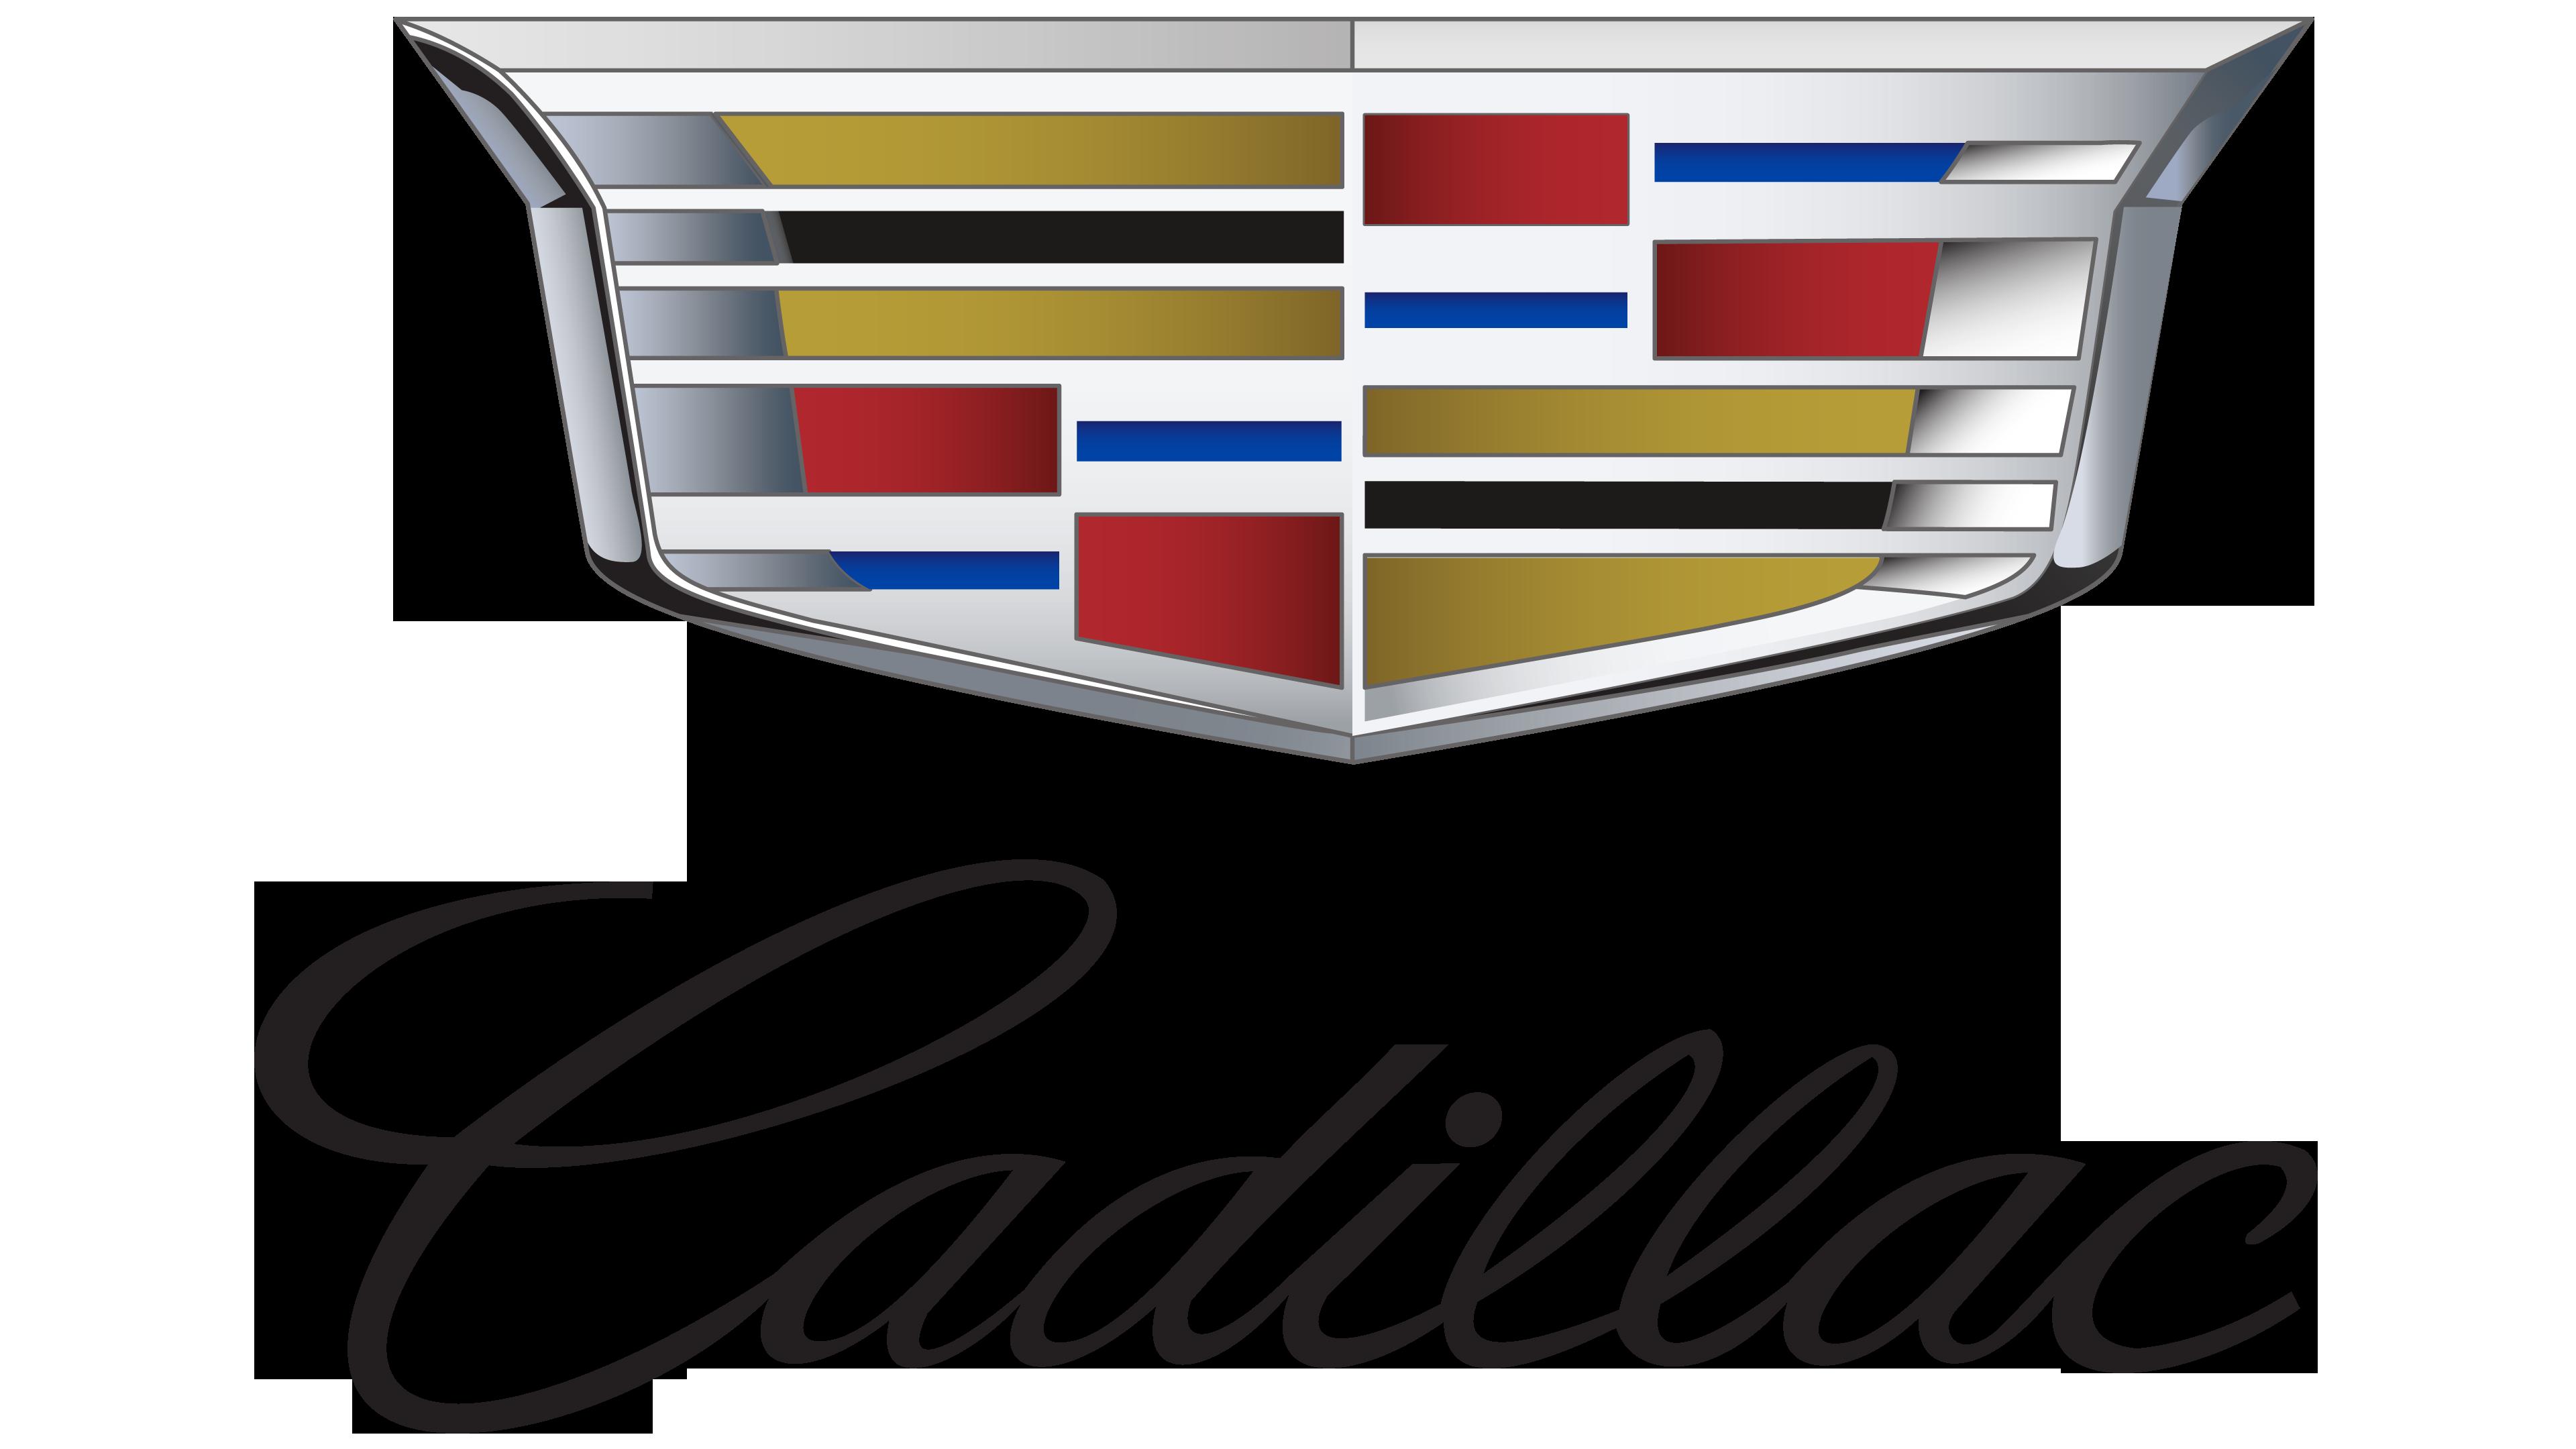 Cadillac PNG Image.